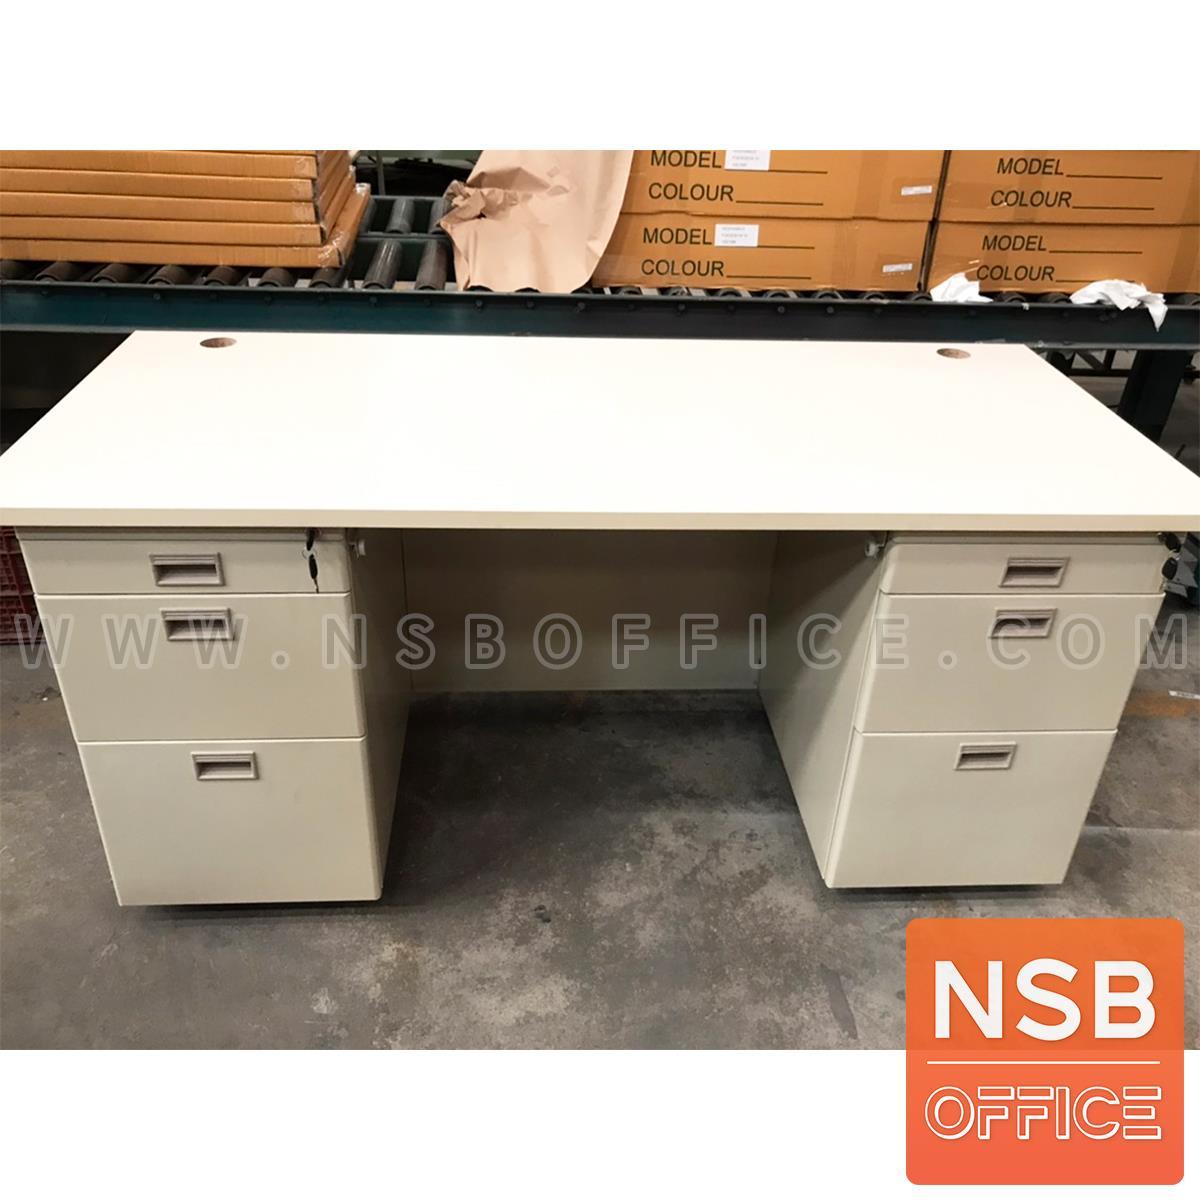 โต๊ะทำงานเหล็กหน้าไม้ผิวพีวีซี 7 ลิ้นชัก  รุ่น DNP 167 ขนาด 160W*70D cm. เหล็กหนาพิเศษ 0.6 มม.